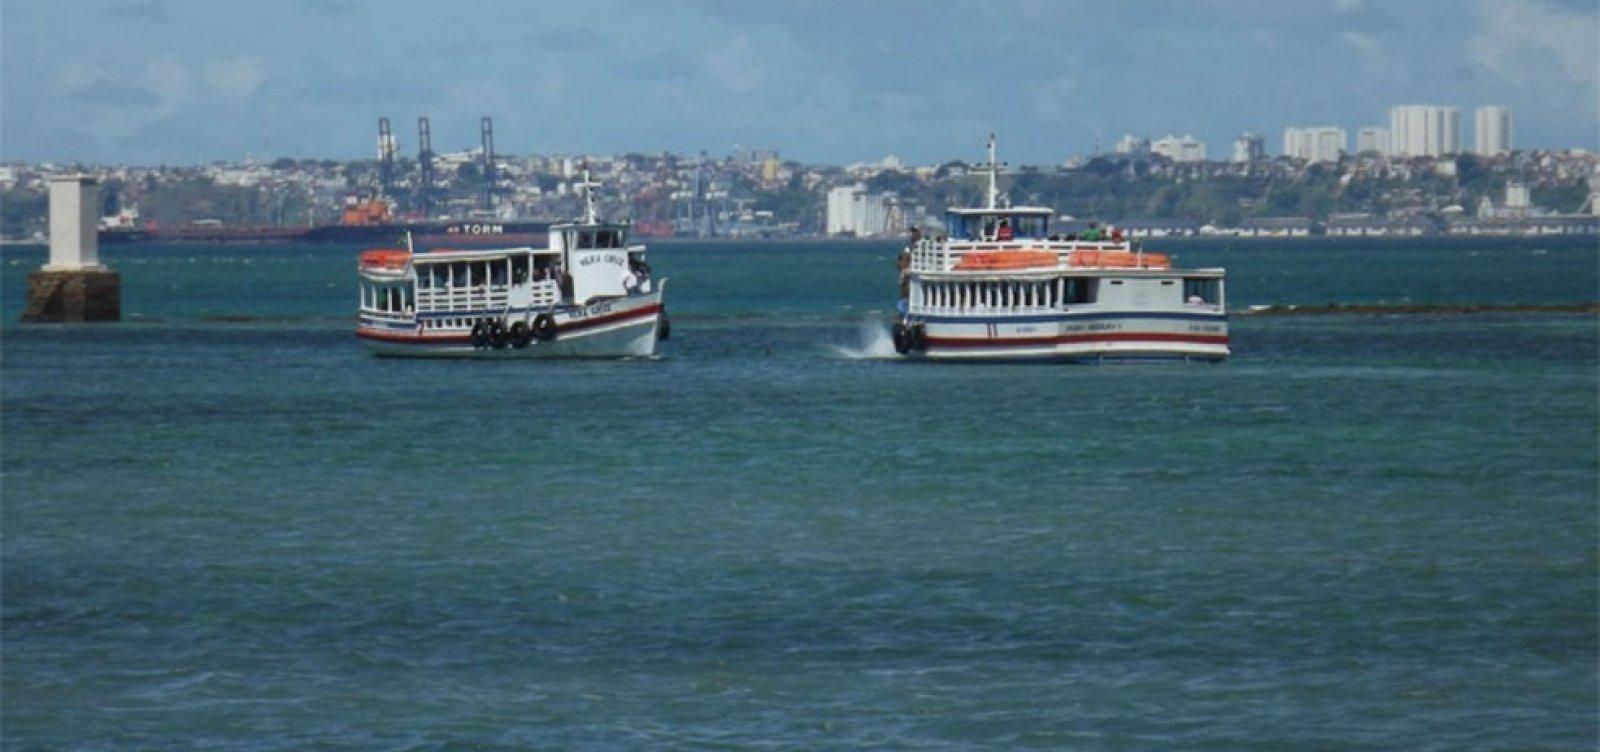 Por mau tempo, travessia Salvador-Mar Grande é suspensa nesta segunda